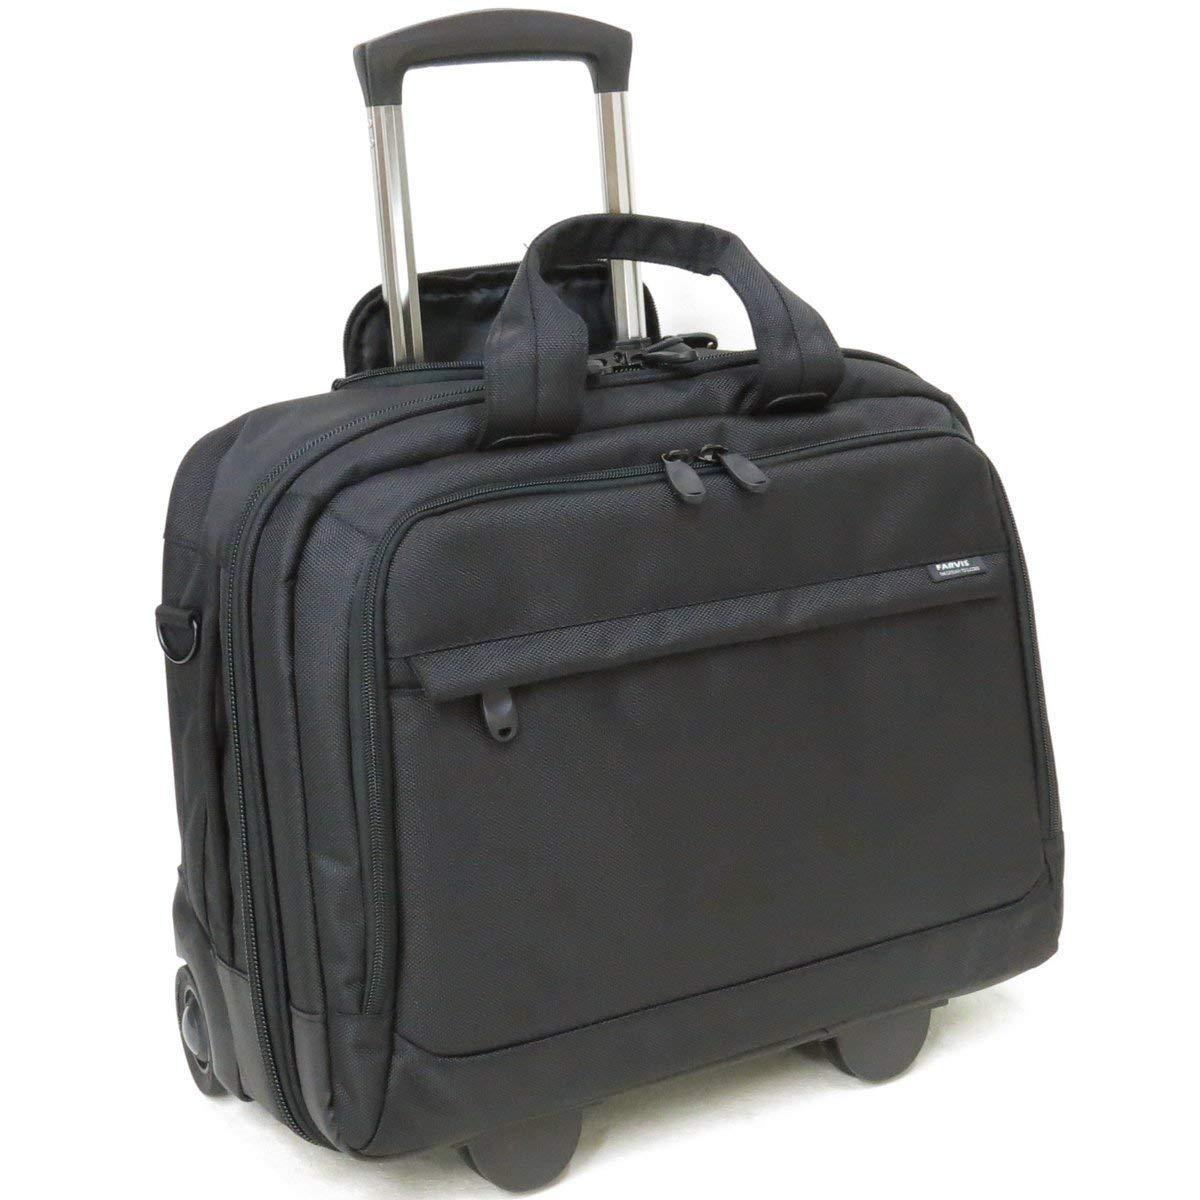 [ファービス] スーツケース 横型 ビジネスキャリー 横型[1-220] B07Q82HBZK